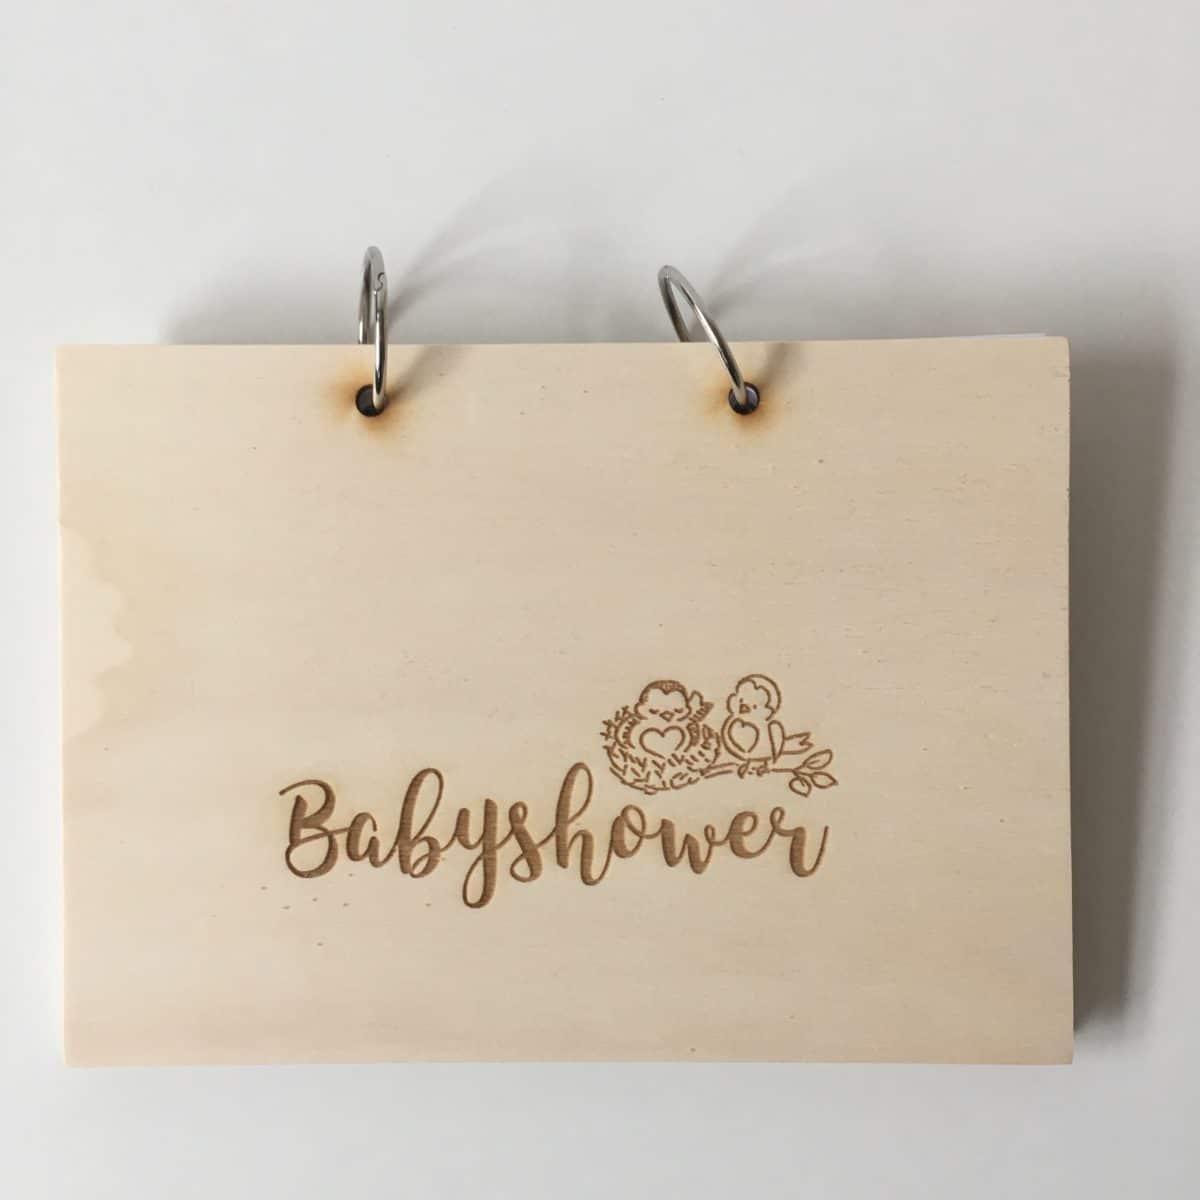 houten babyshowerboek invulkaarten houten herinnerboek